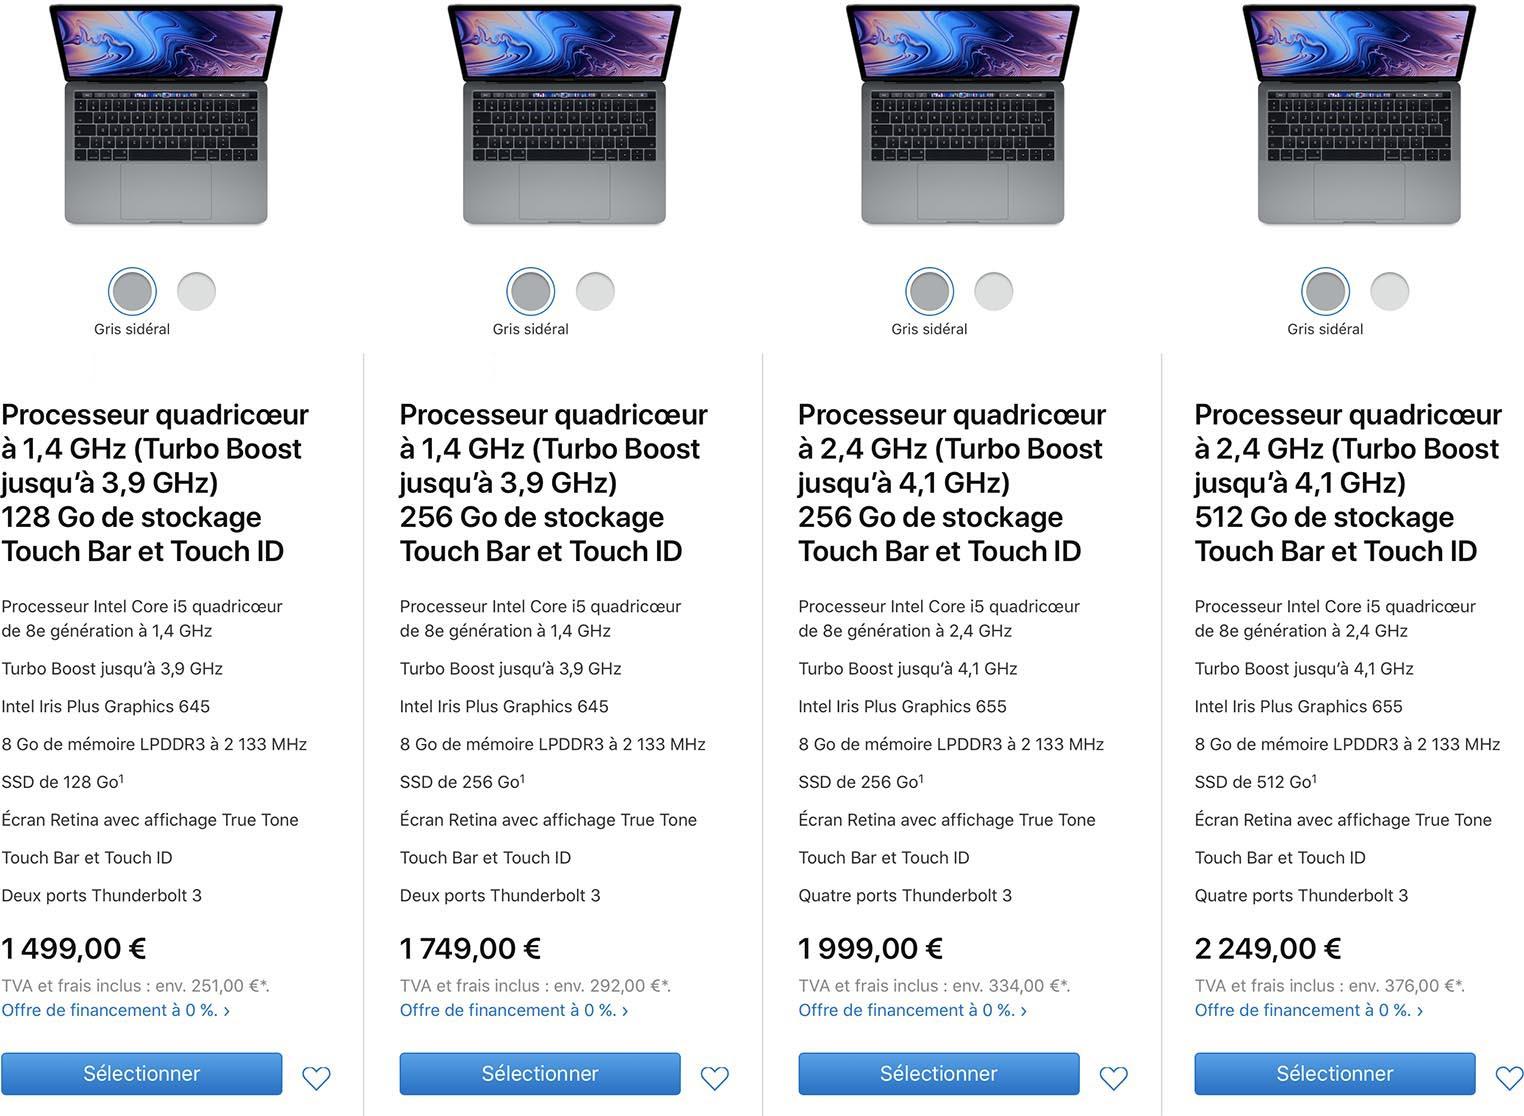 MacBook Pro 13,3 pouces 2019 caractéristiques techniques